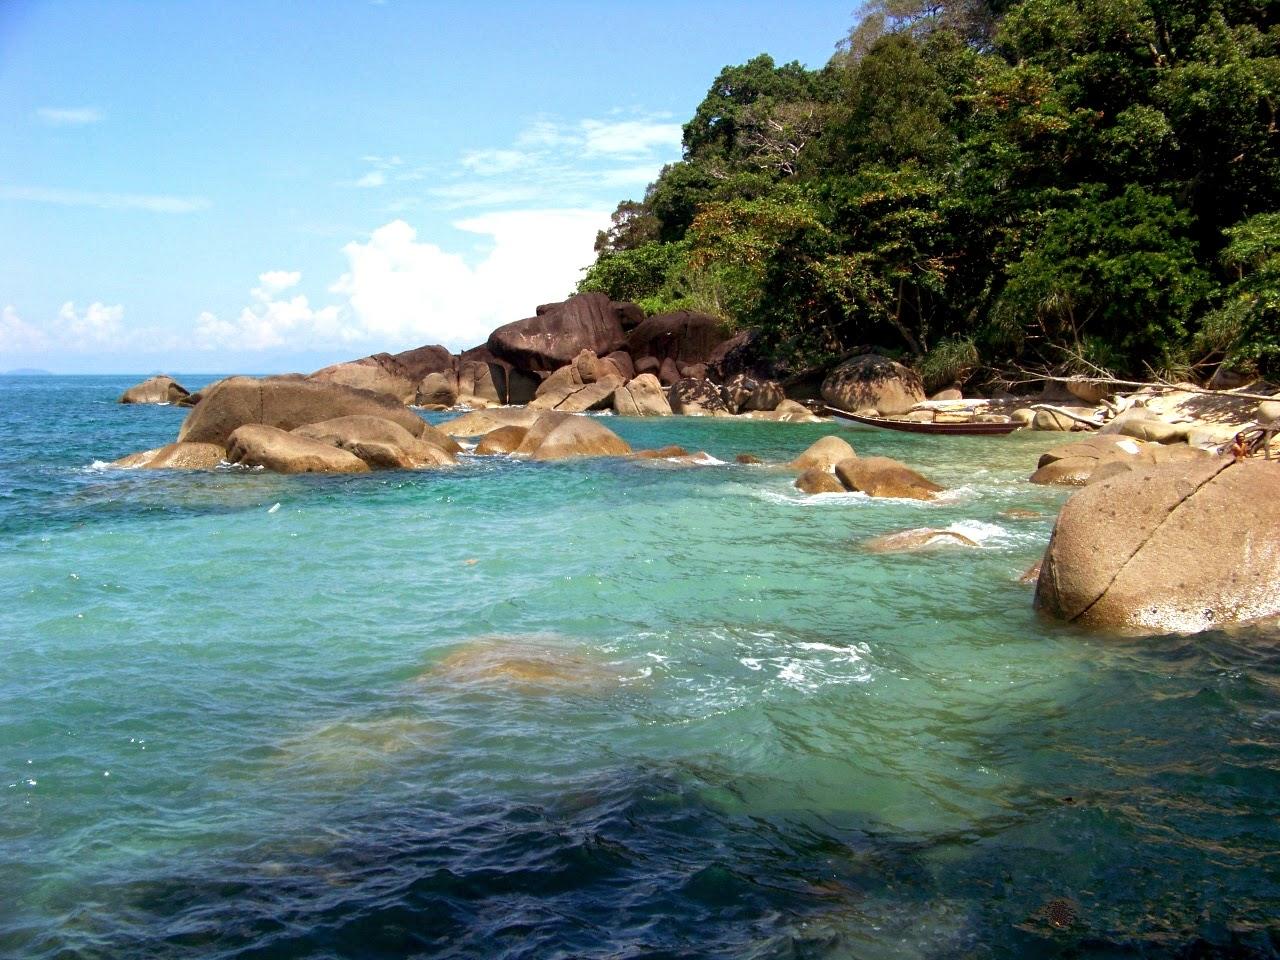 Tempat Wisata Internasional Di Indonesia